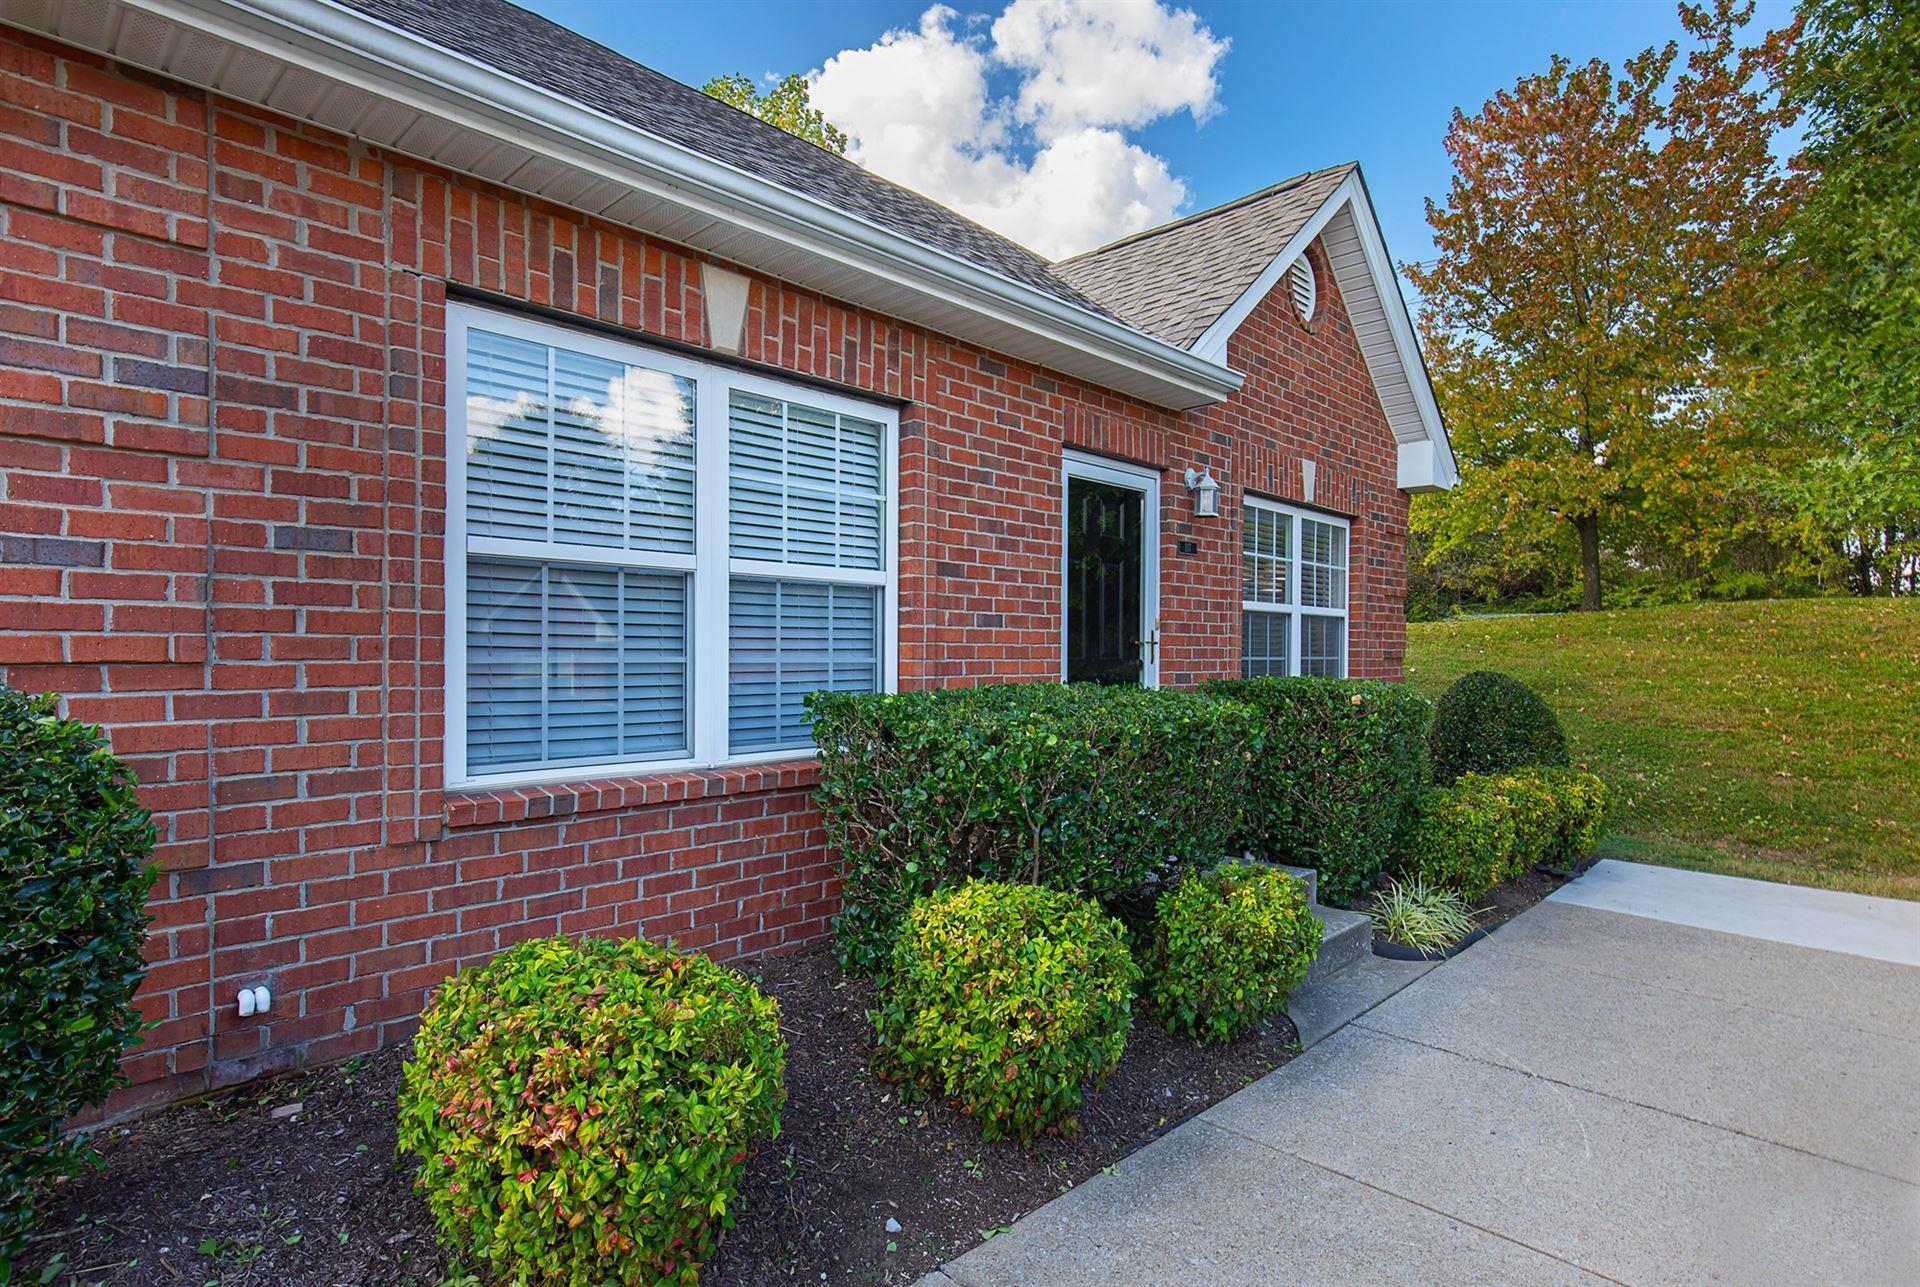 Photo of 1101 Downs Blvd #117, Franklin, TN 37064 (MLS # 2201683)